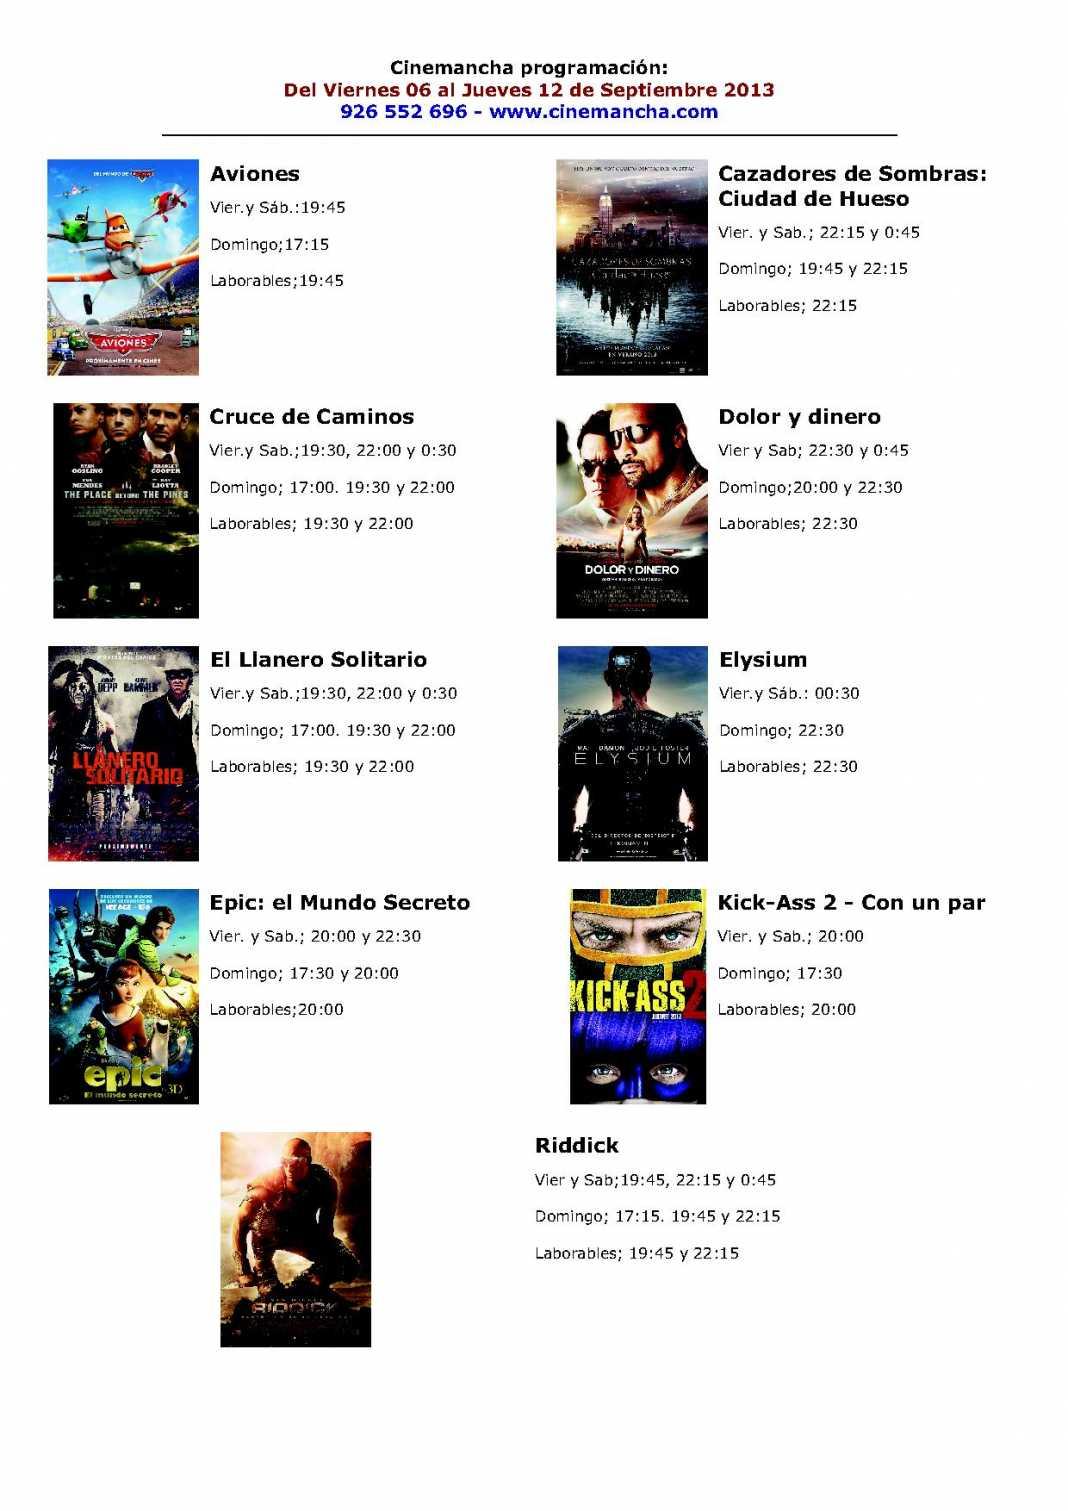 Programación Cinemancha del 6 al 12 de septiembre 1